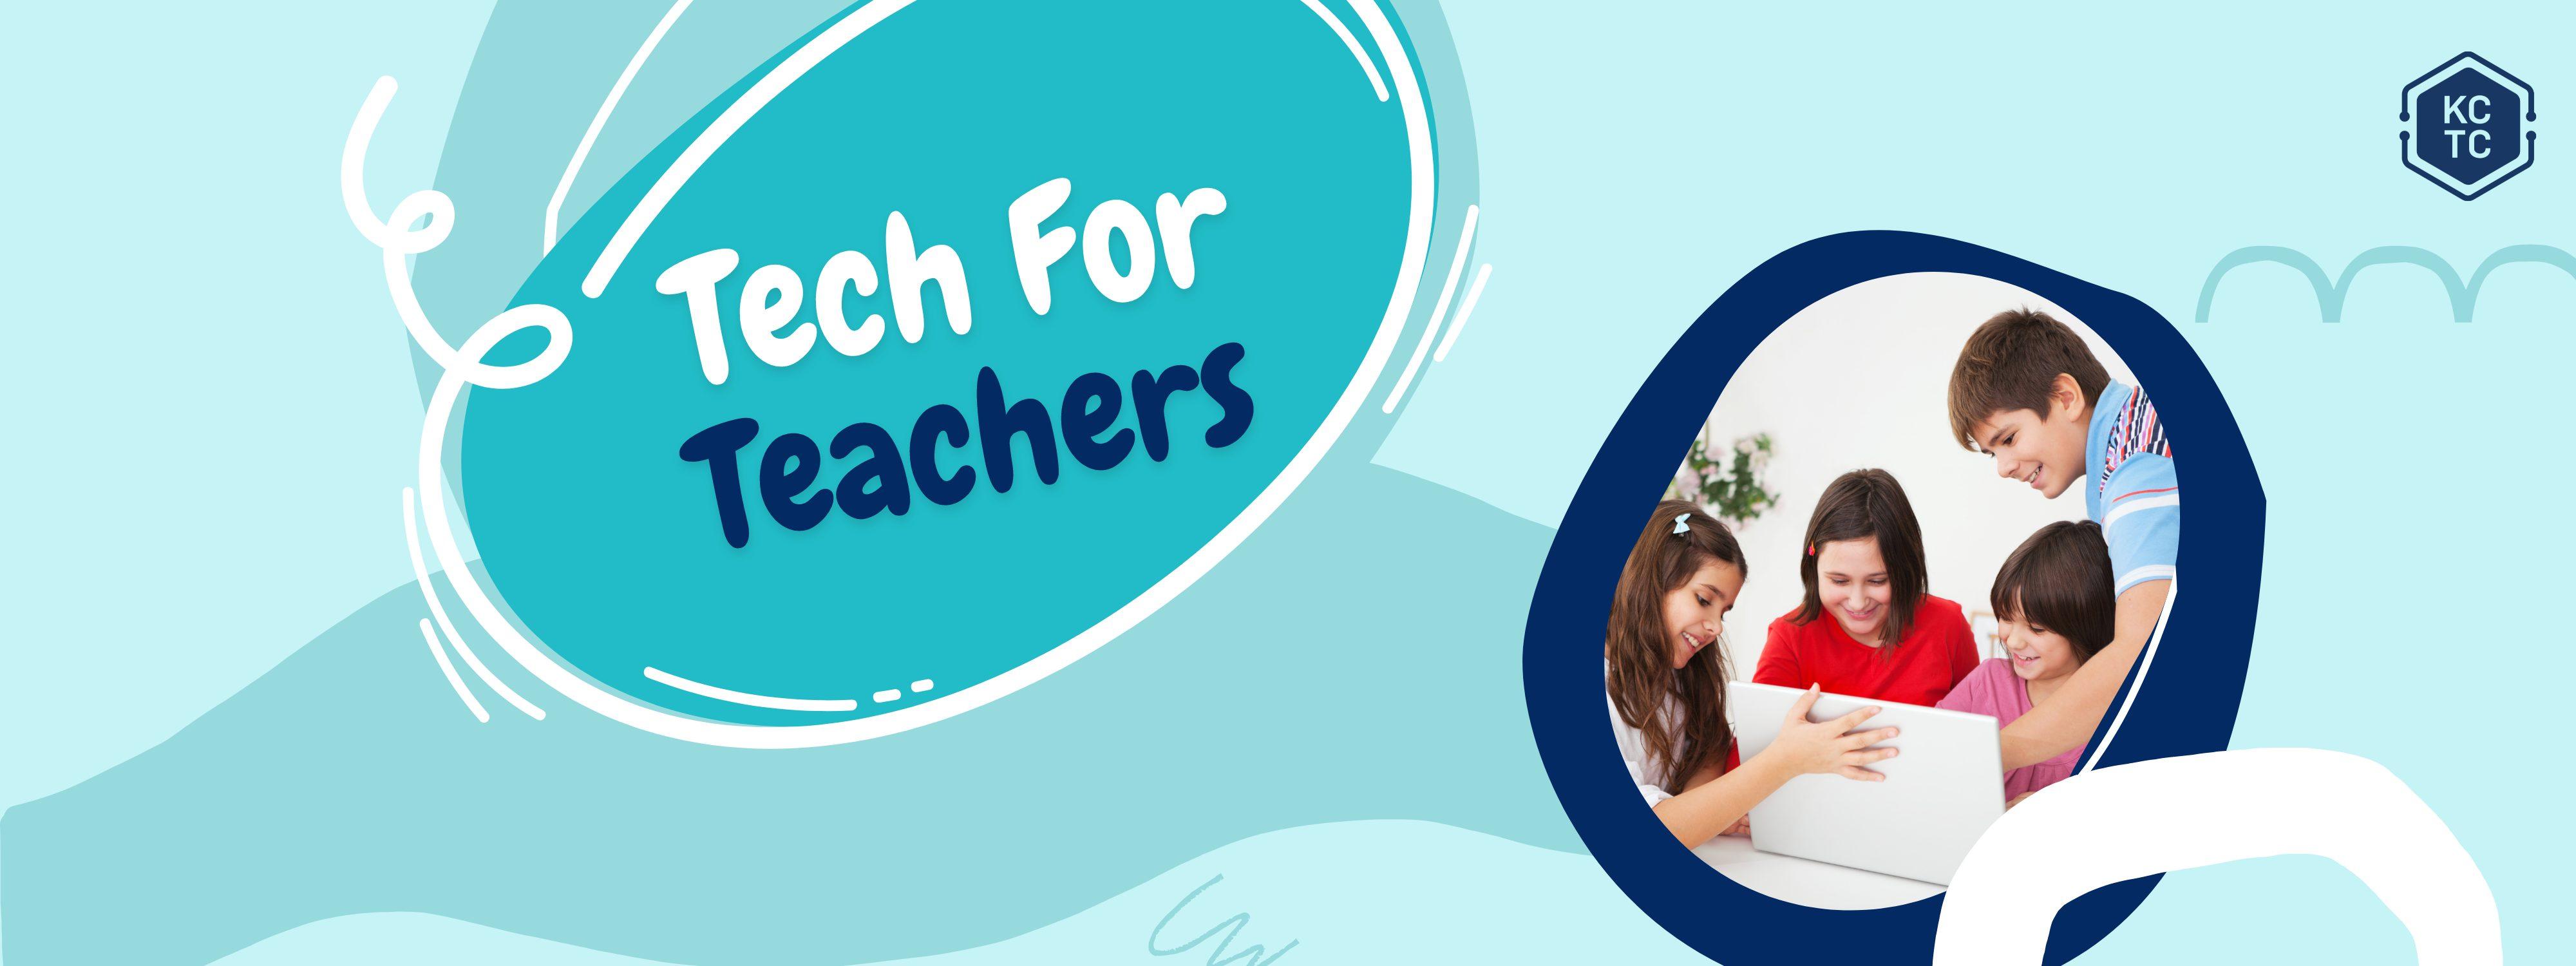 Tech For Teachers Website Banner